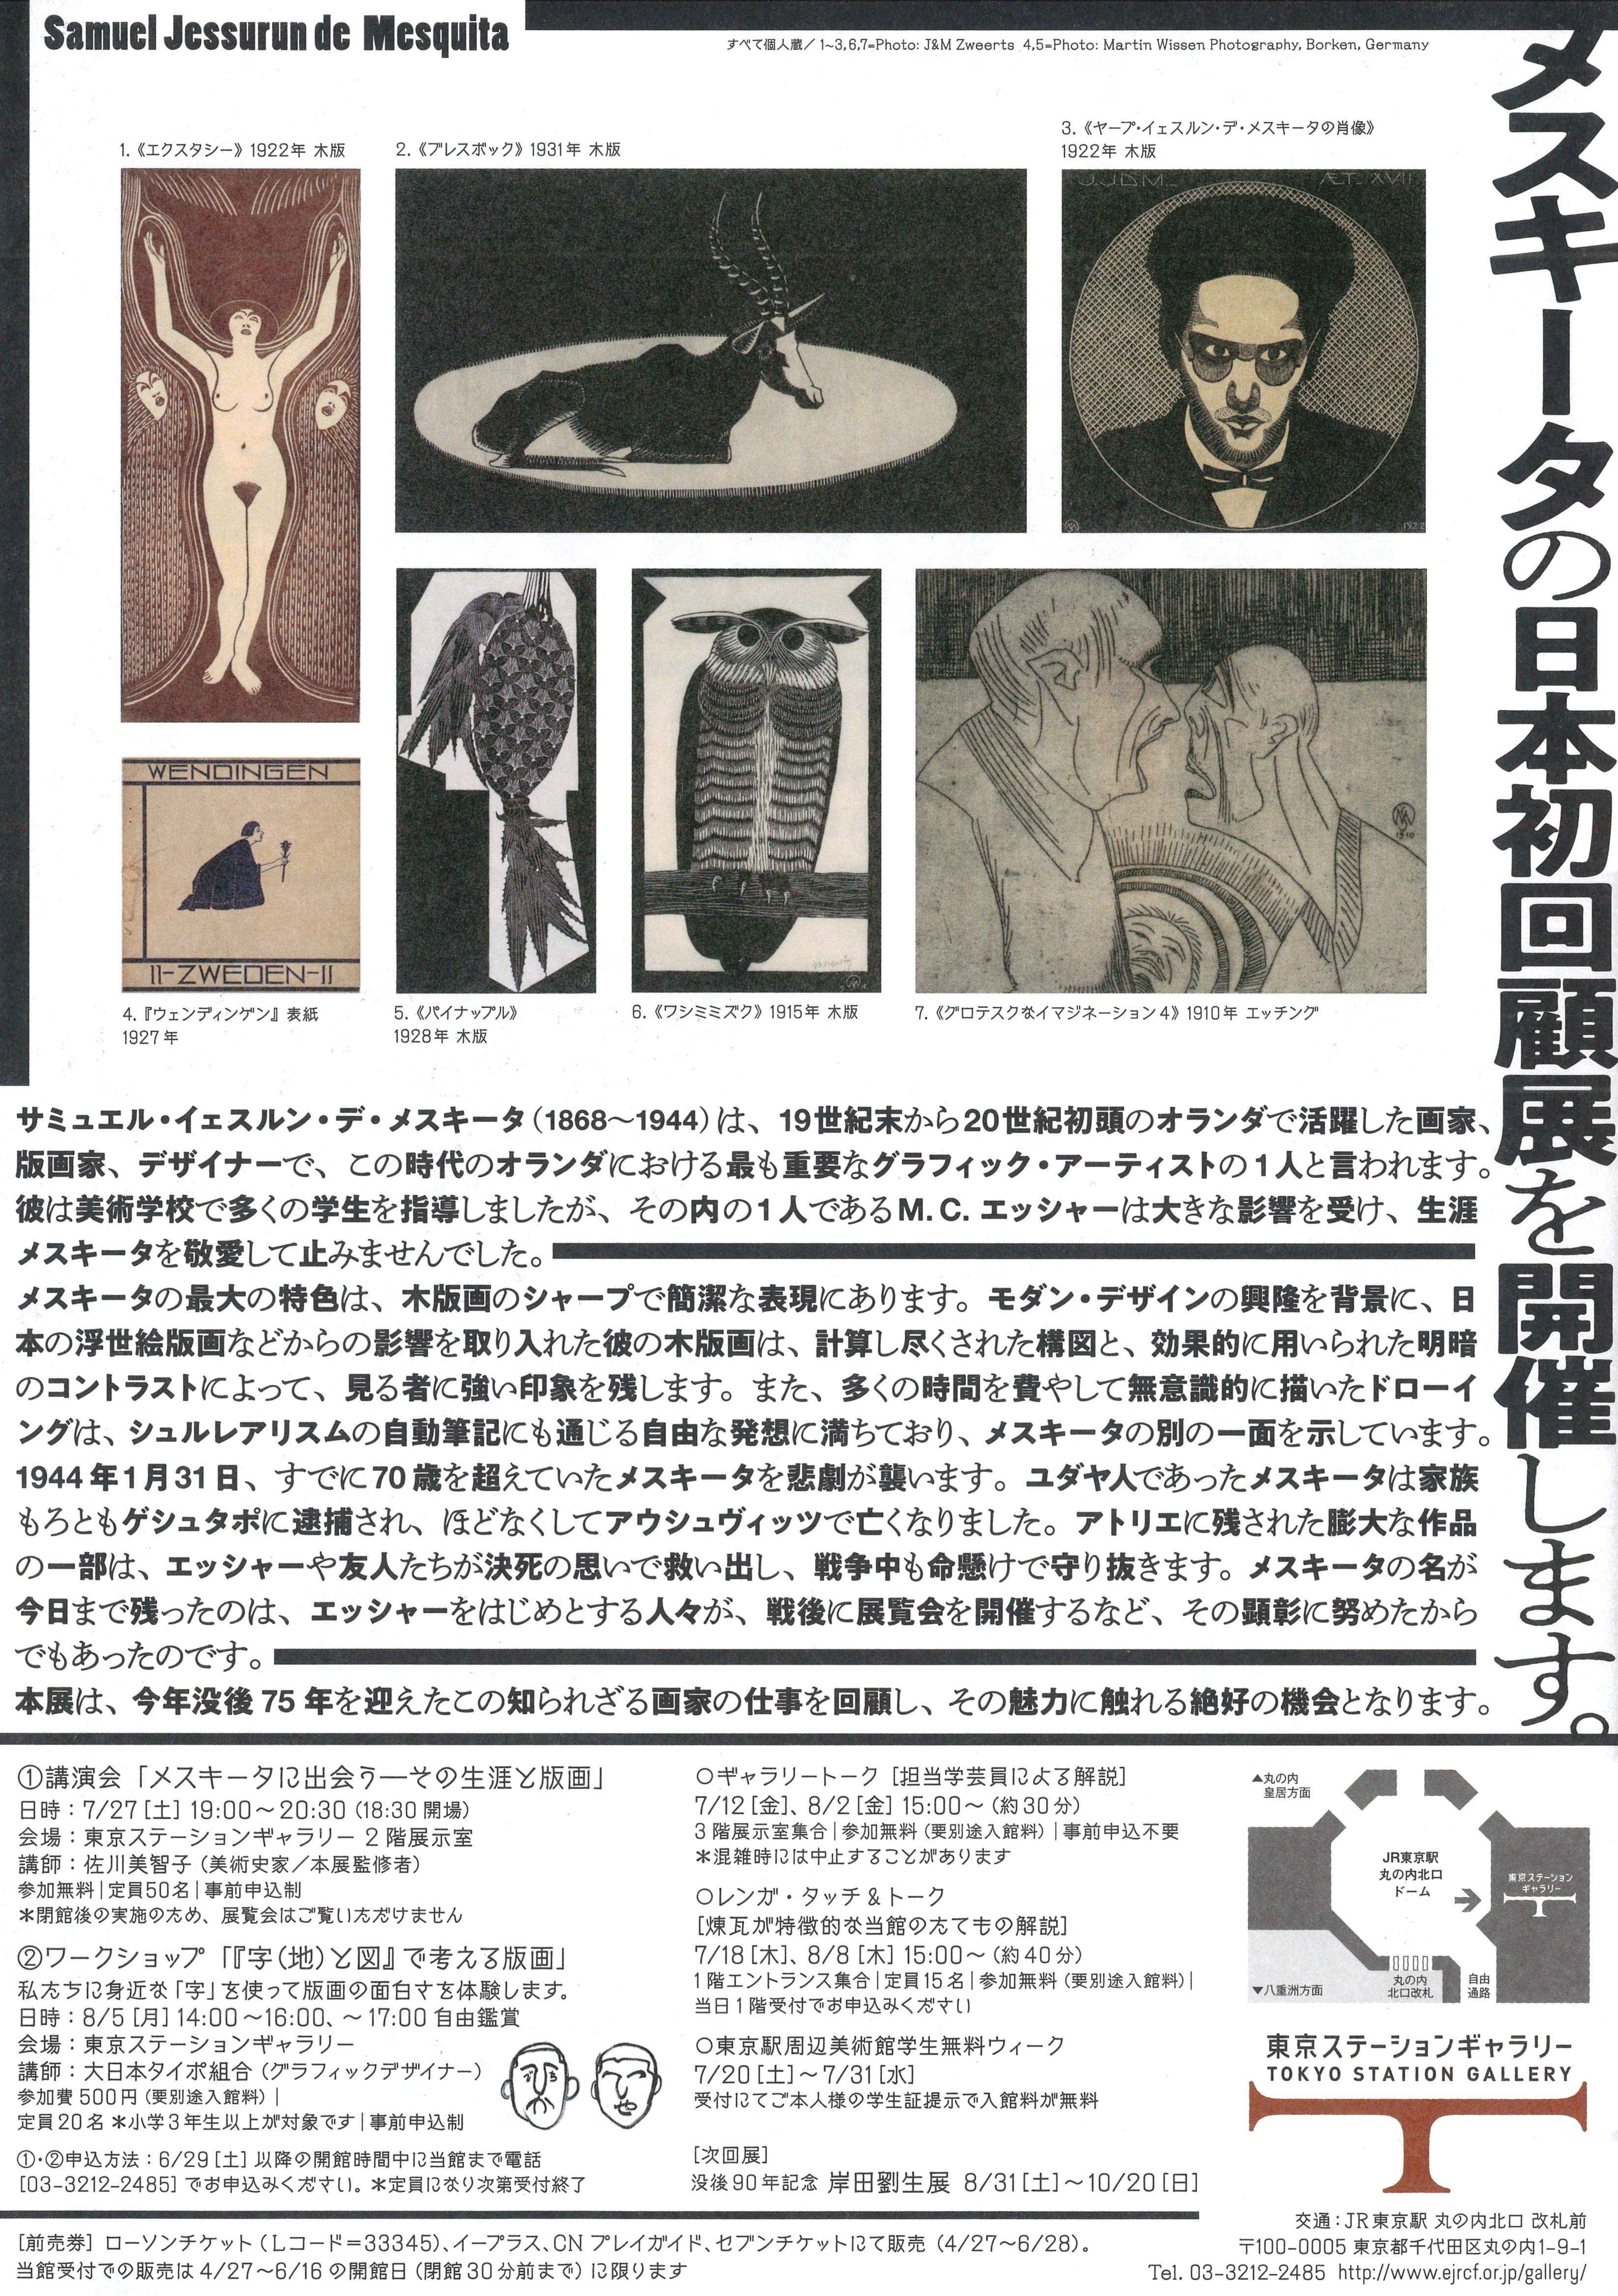 ステーション ギャラリー 東京